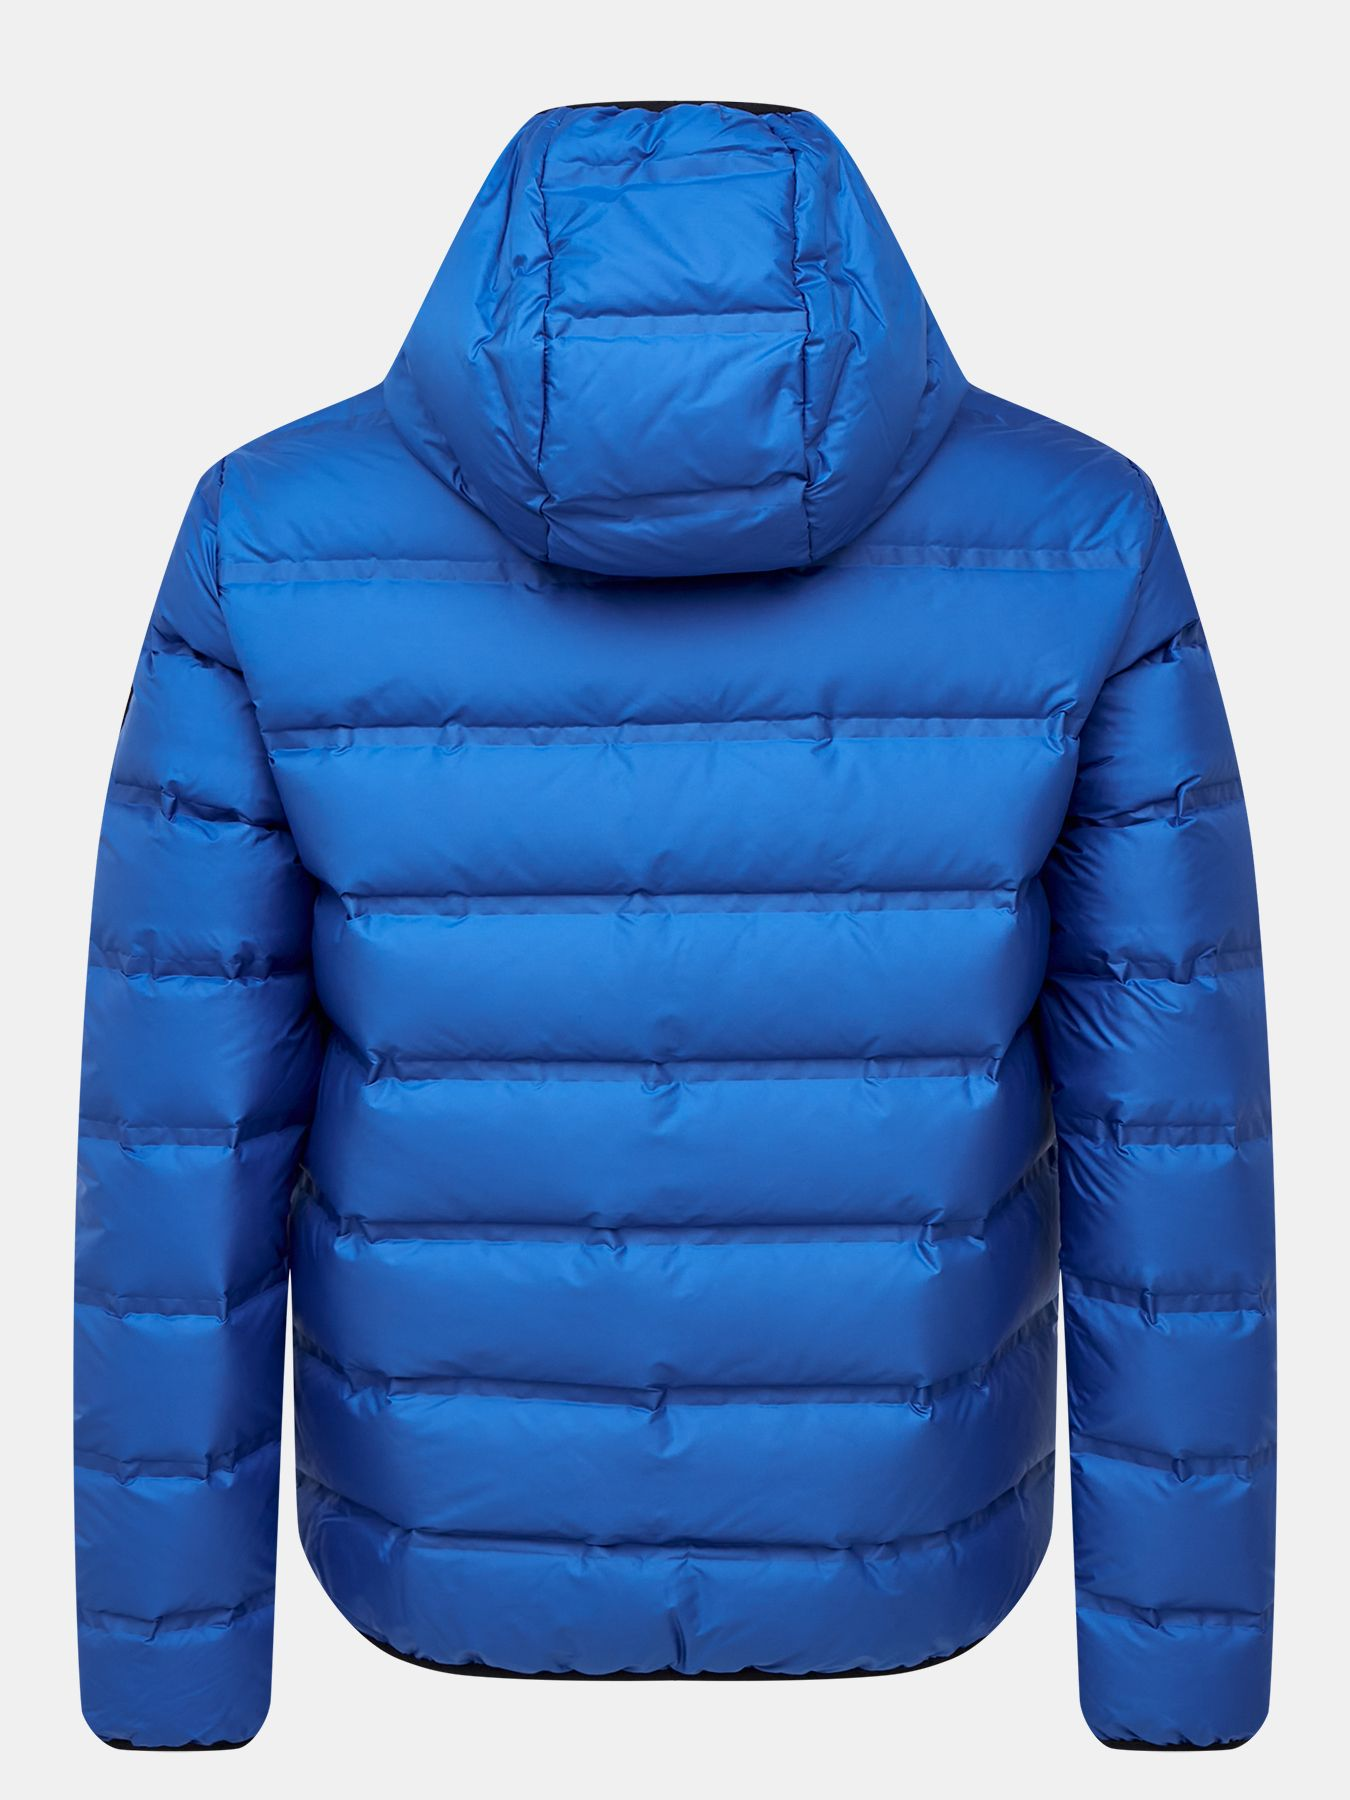 Куртка EA7 Emporio Armani Куртка куртка ea7 emporio armani куртка